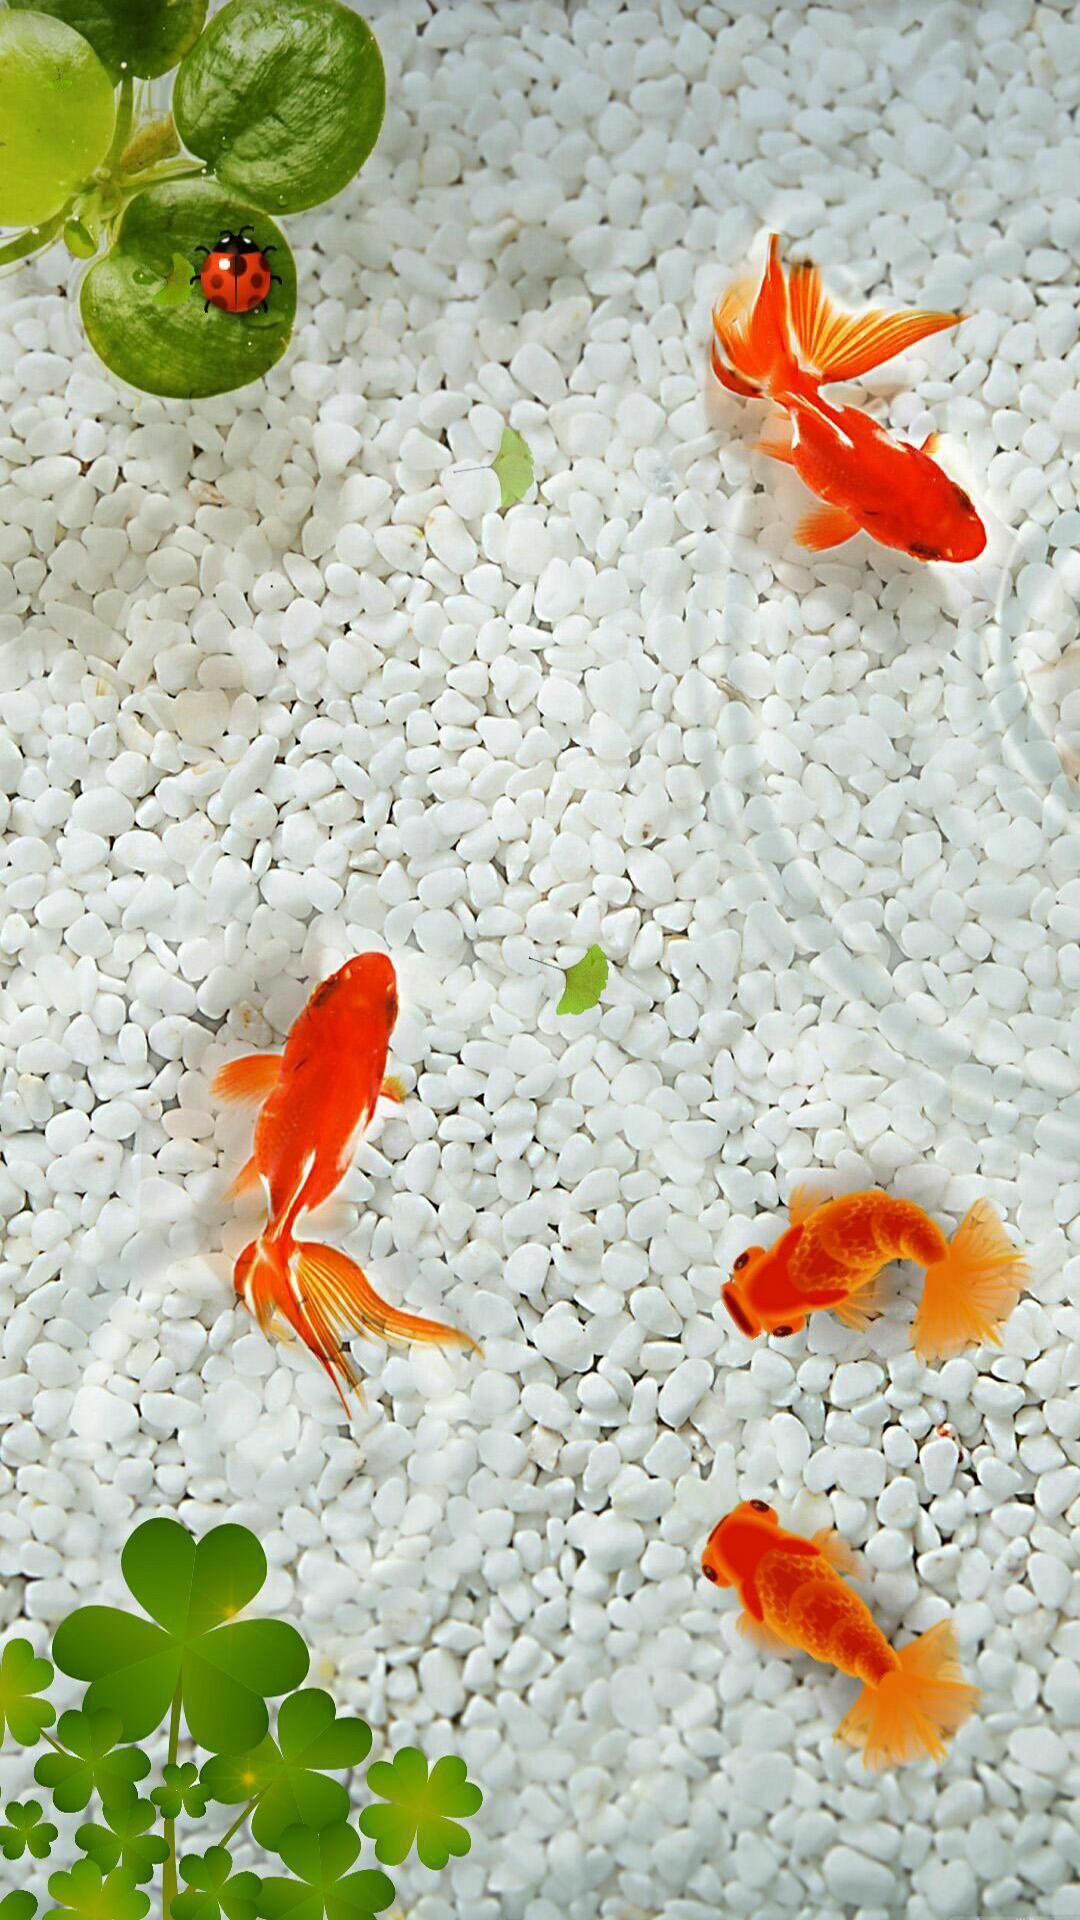 Freshwater Fish Background Image Goldfish Wallpaper Fish Background Fish Wallpaper